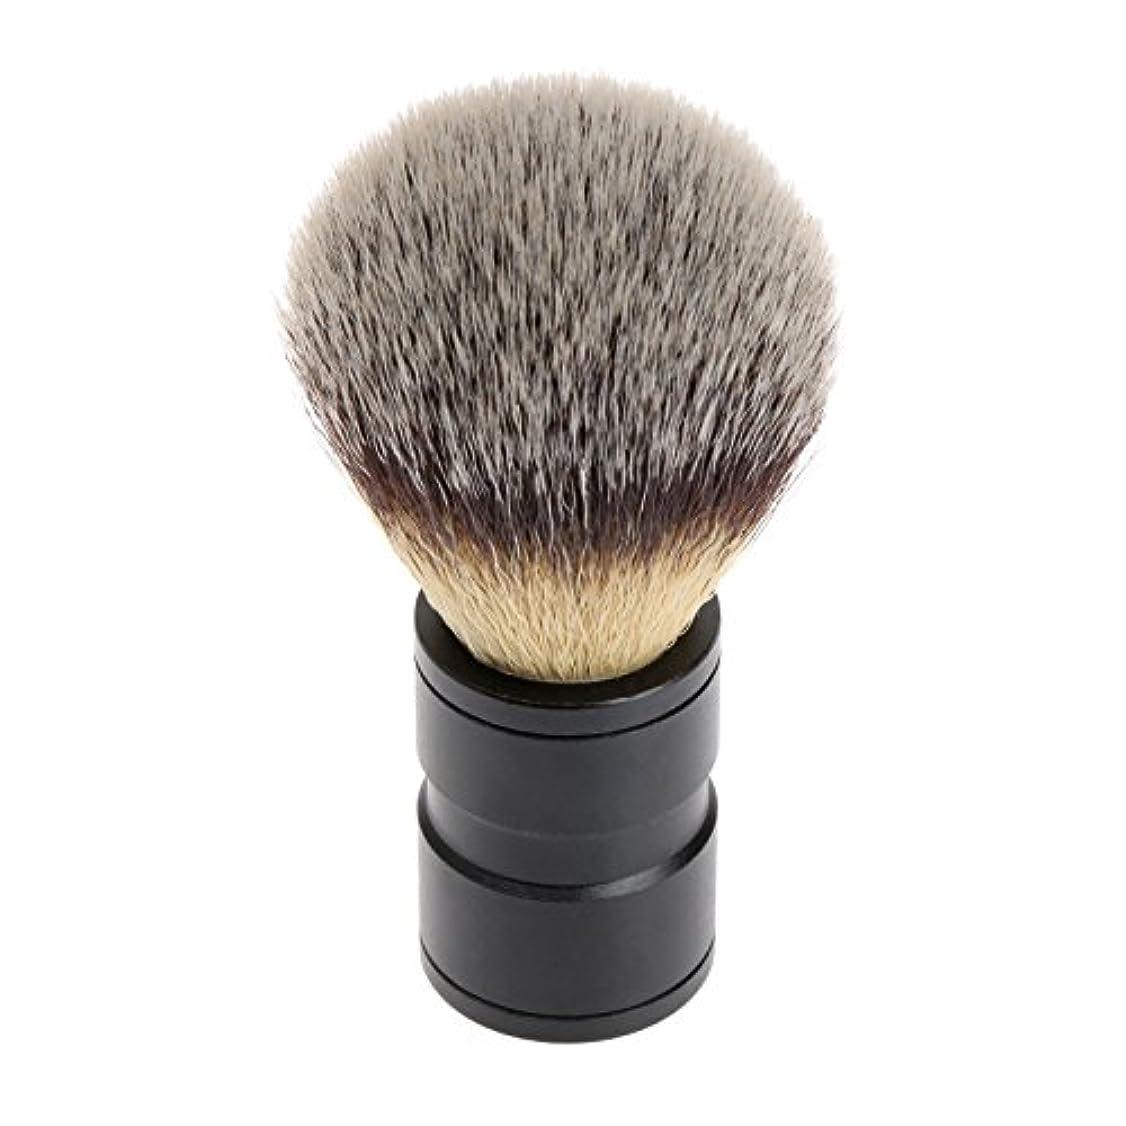 最近タブレットユーモアシェービング ブラシ 理容 洗顔 髭剃り マッサージ 効果 ナイロン毛 メンズ